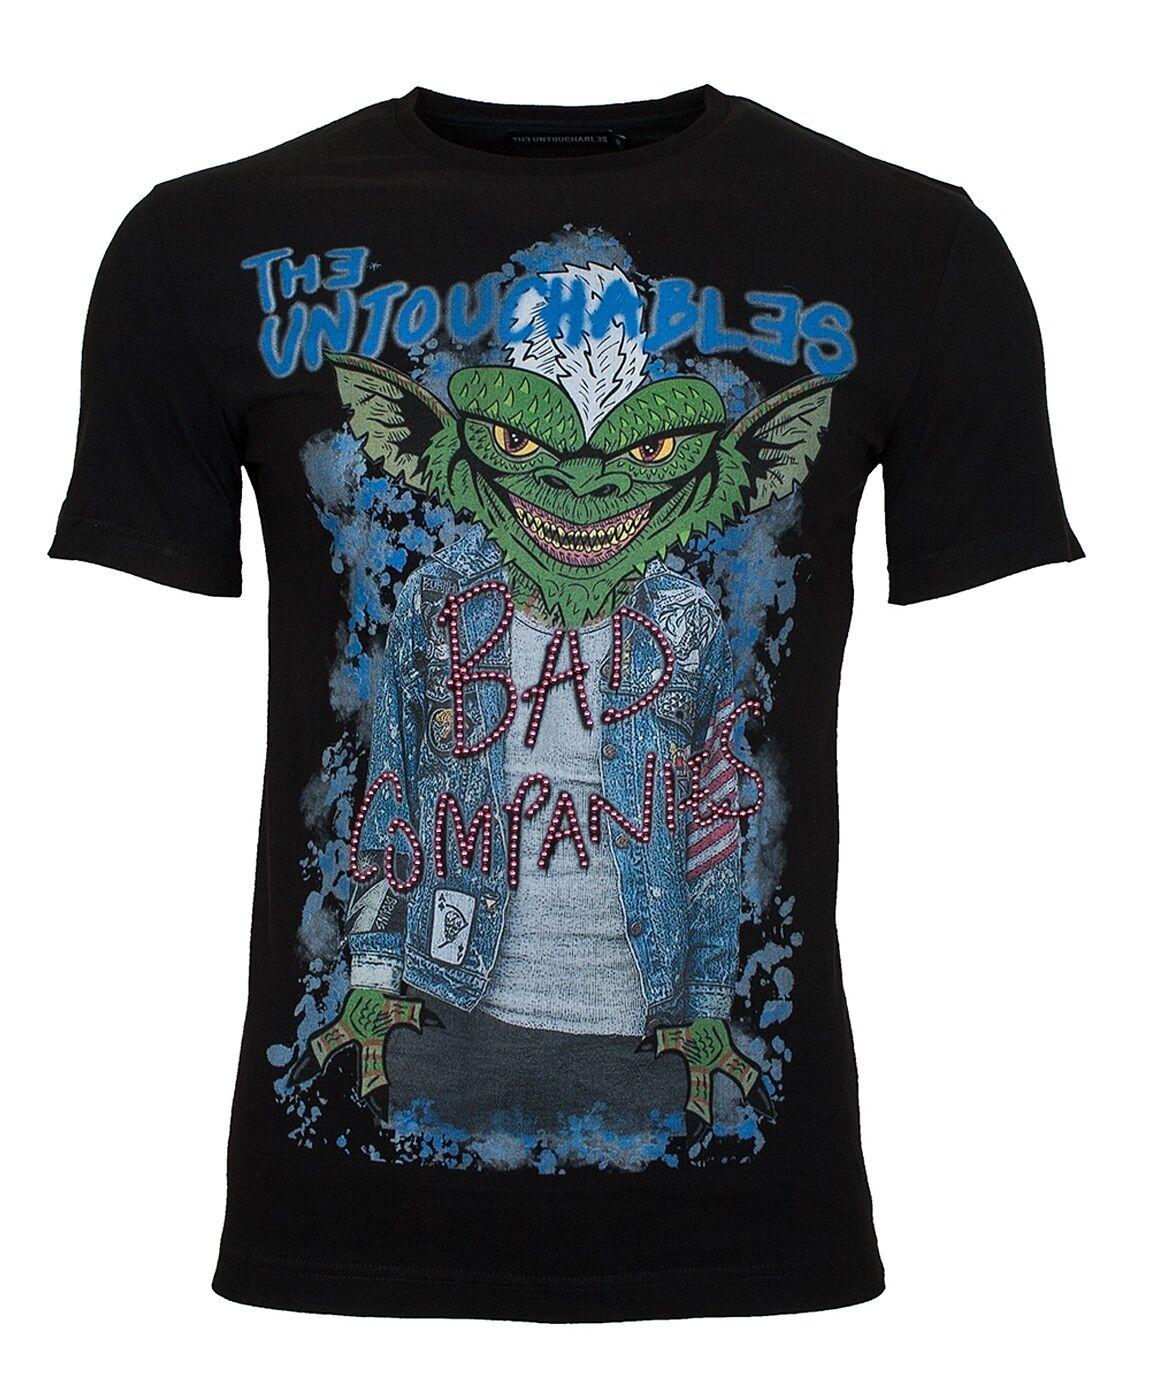 THE UNTOUCHABLES Herren T-Shirt BAD